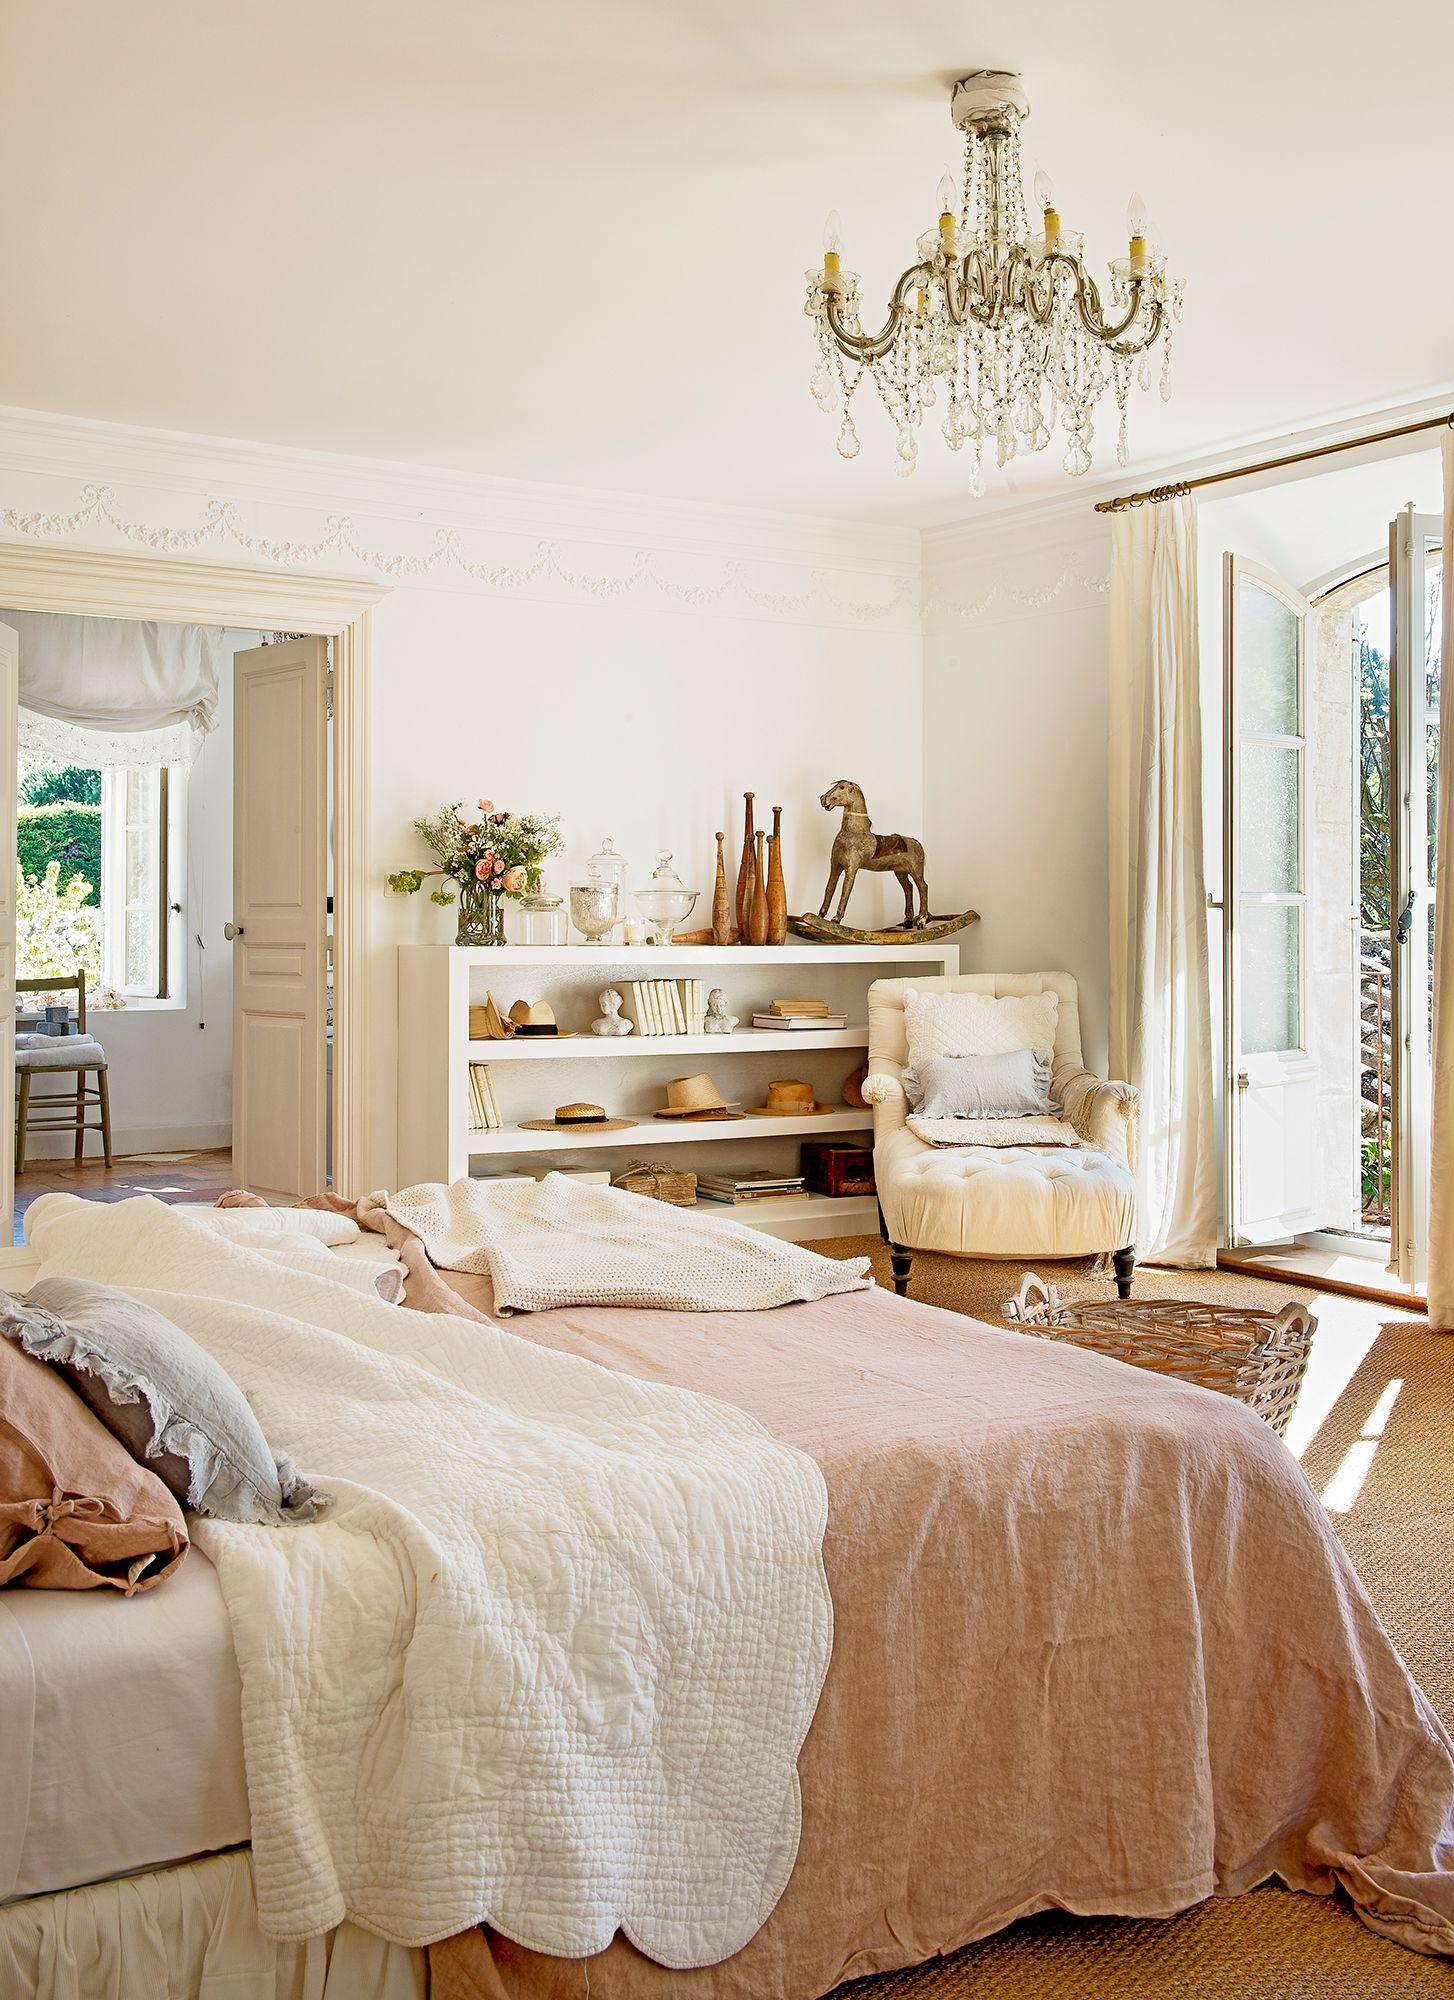 De forja en 2019 decoracion con encanto dormitorios clasicos habitaciones matrimoniales - Decoracion de dormitorios clasicos ...